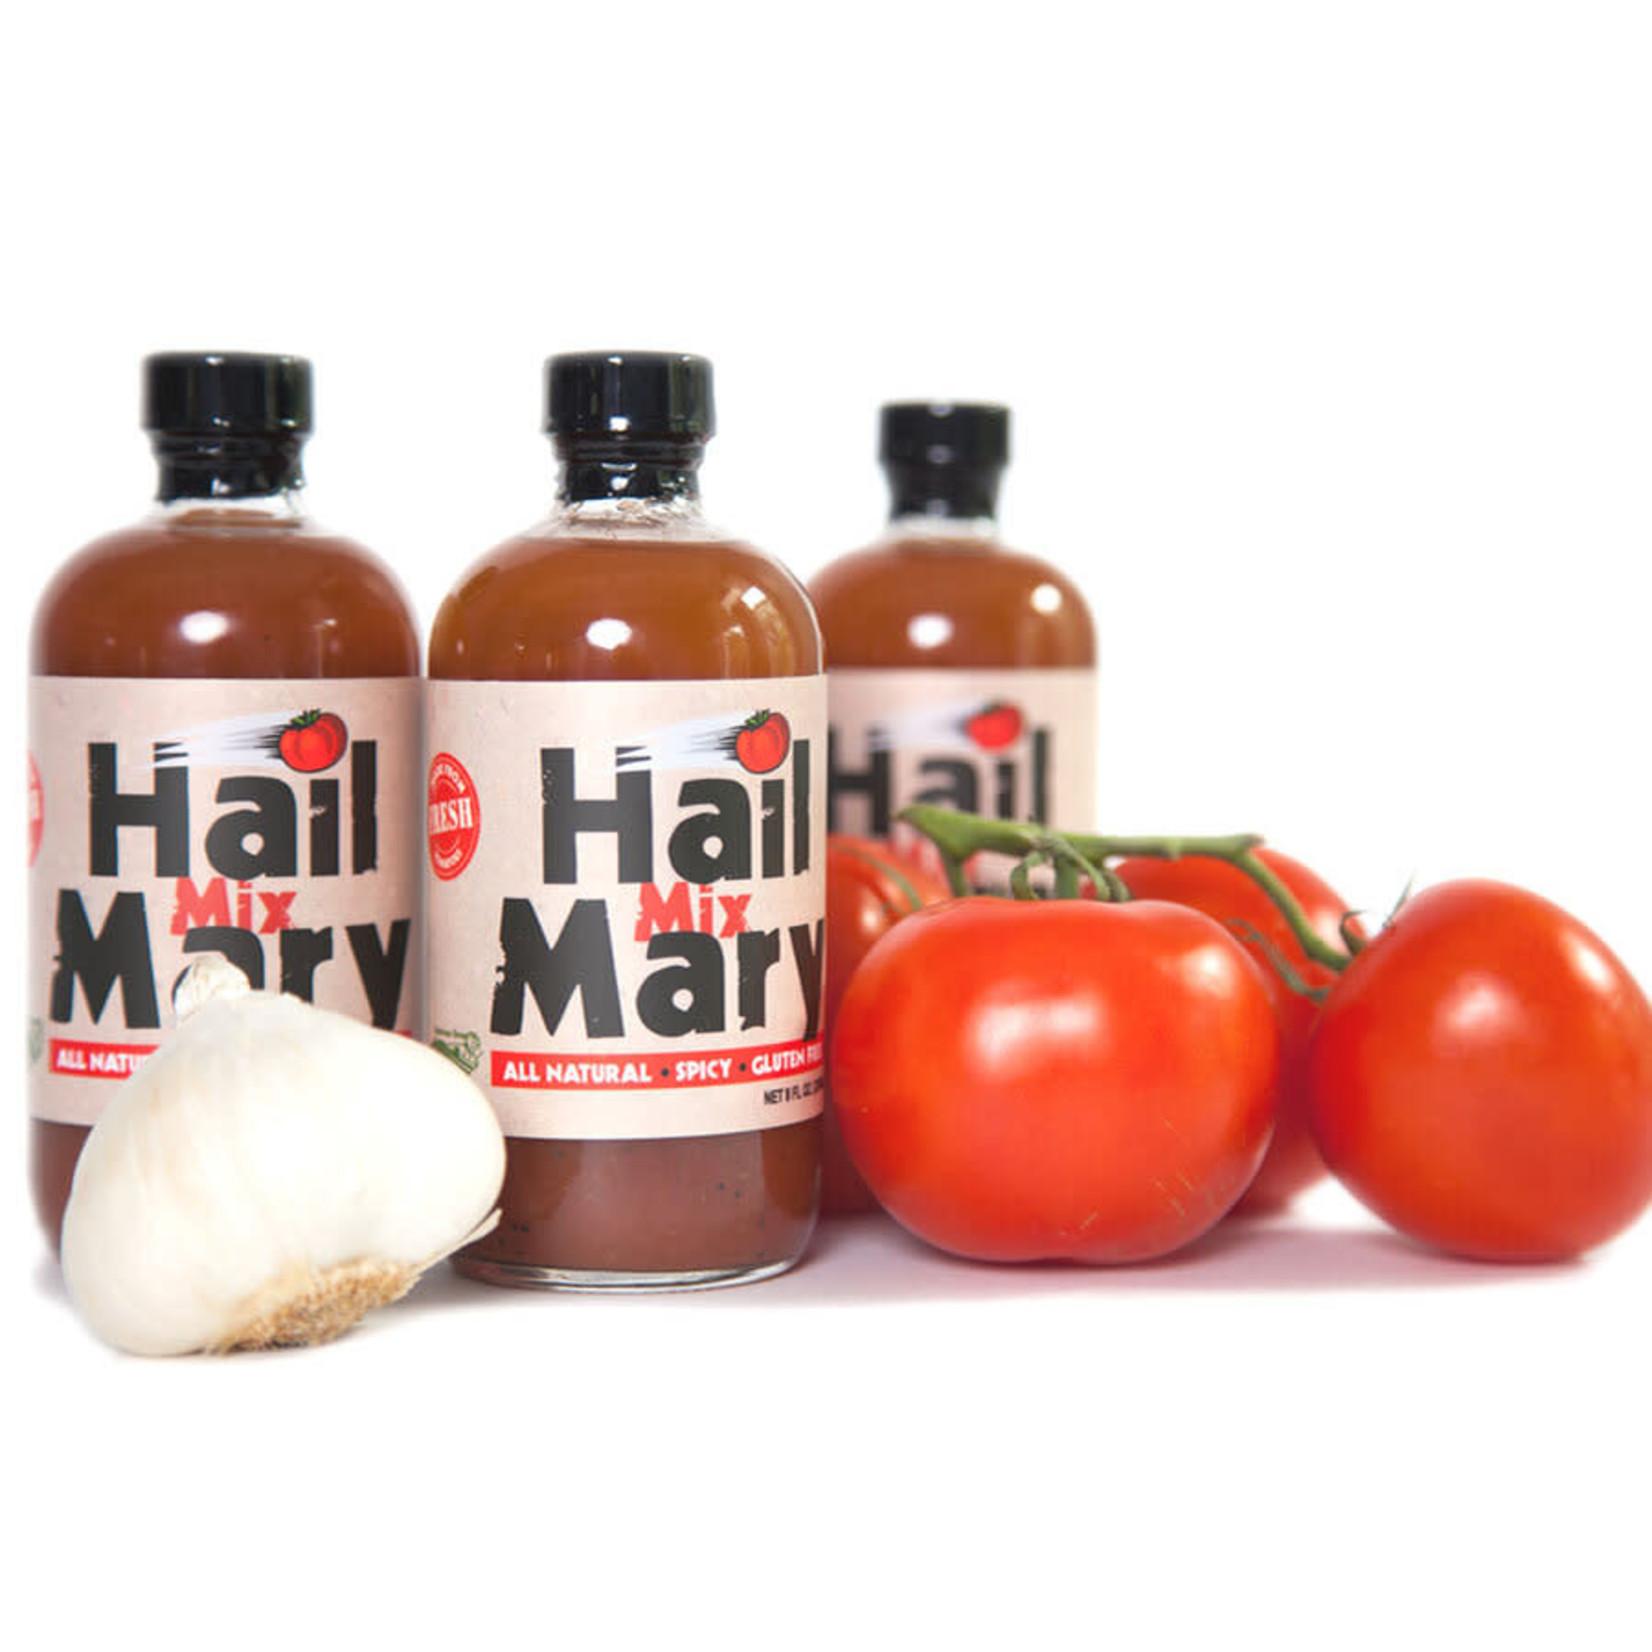 Hail Mary Mix Hail Mary Mix